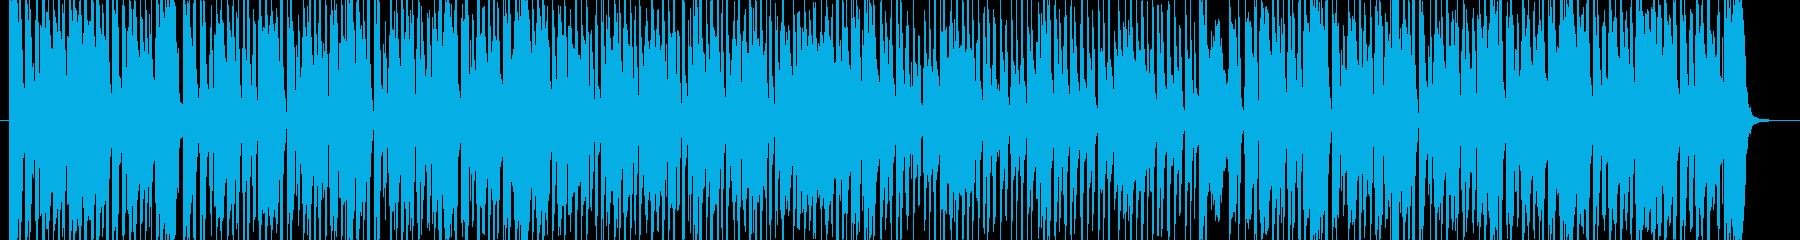 ピアノがスタイリッシュなBGMの再生済みの波形